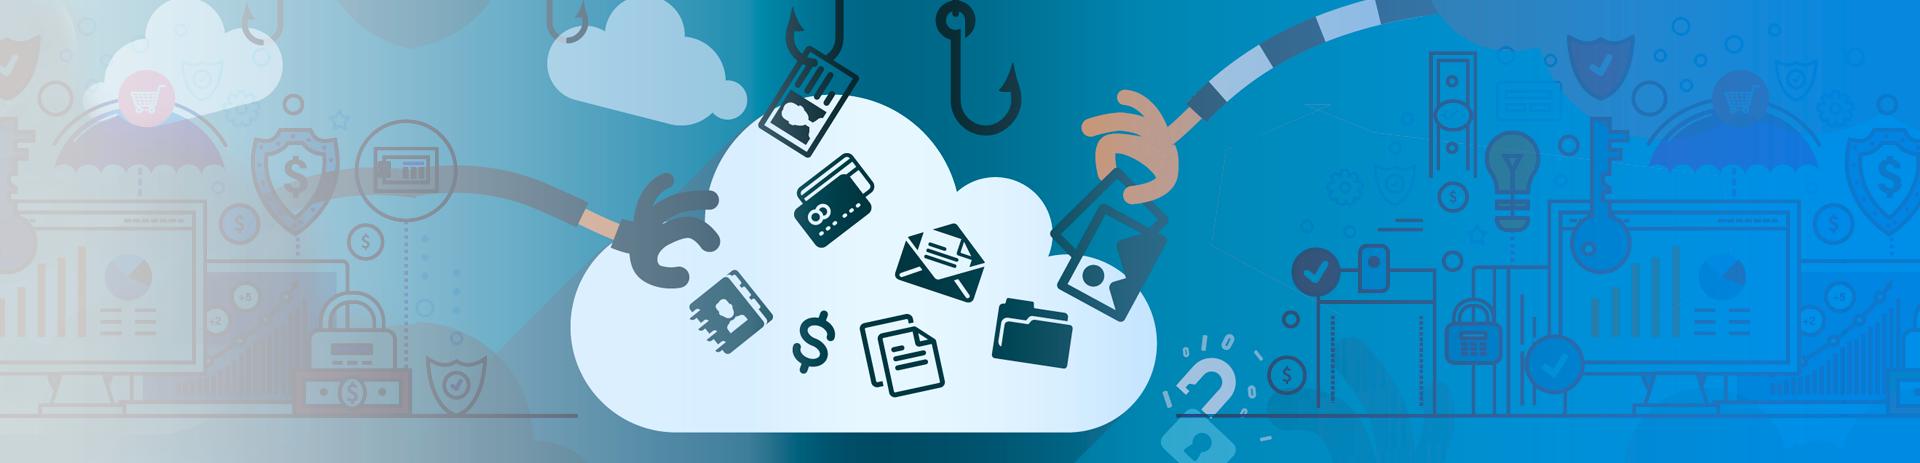 28 января - Международный день защиты персональных данных